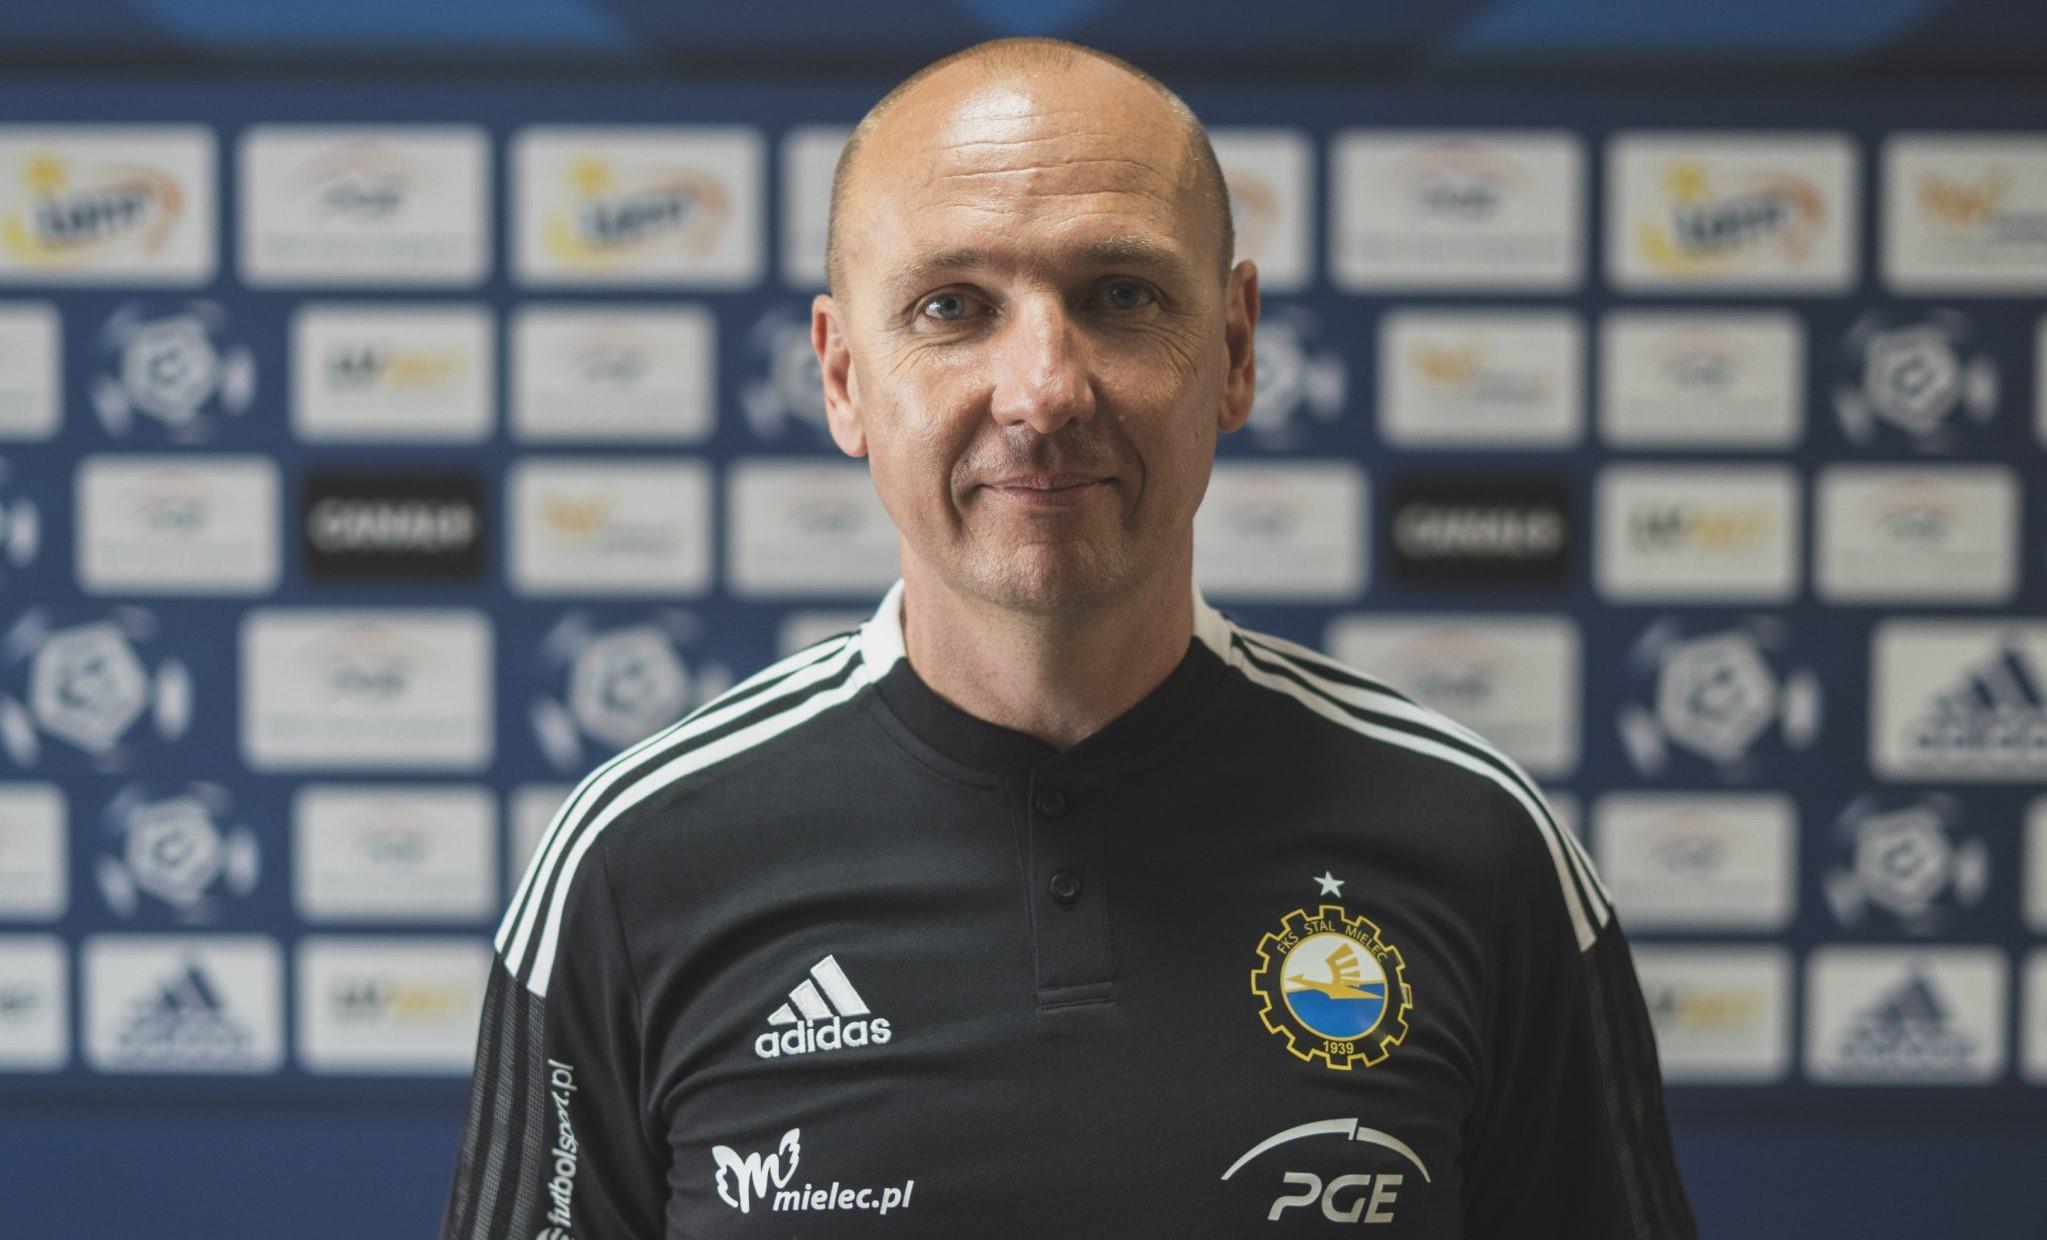 Adam Majewski, nowy trener Stali Mielec odpowiada na szybkie pytania [WIDEO] - Zdjęcie główne